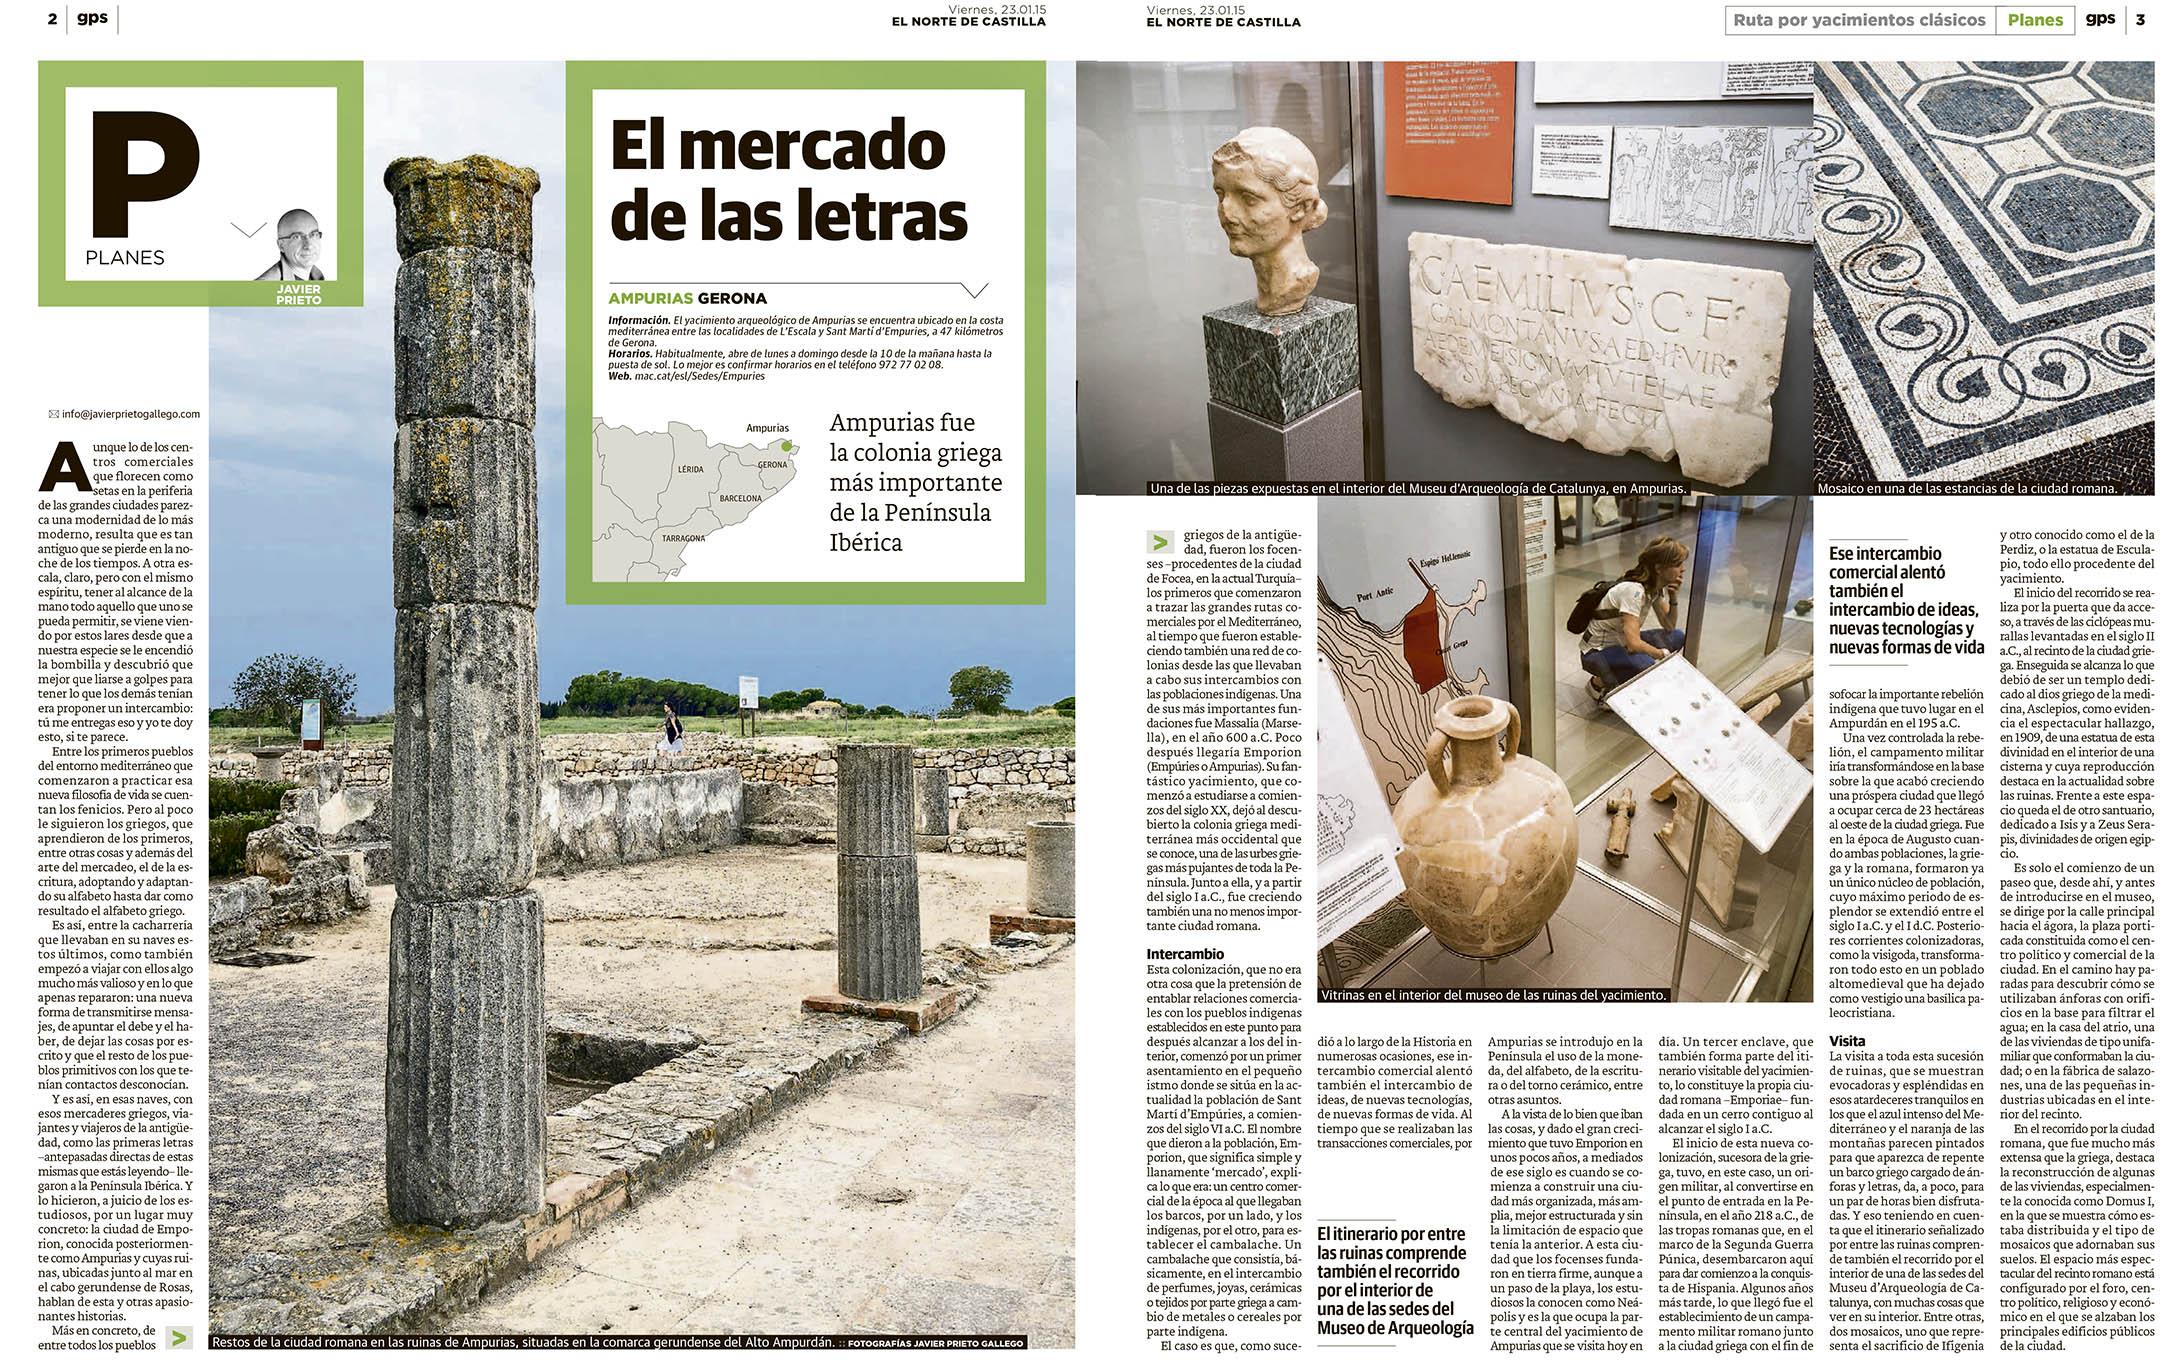 Reportaje sobre el yacimiento de Ampurias publicado en EL NORTE DE CASTILLA  por Javier Prieto Gallego.